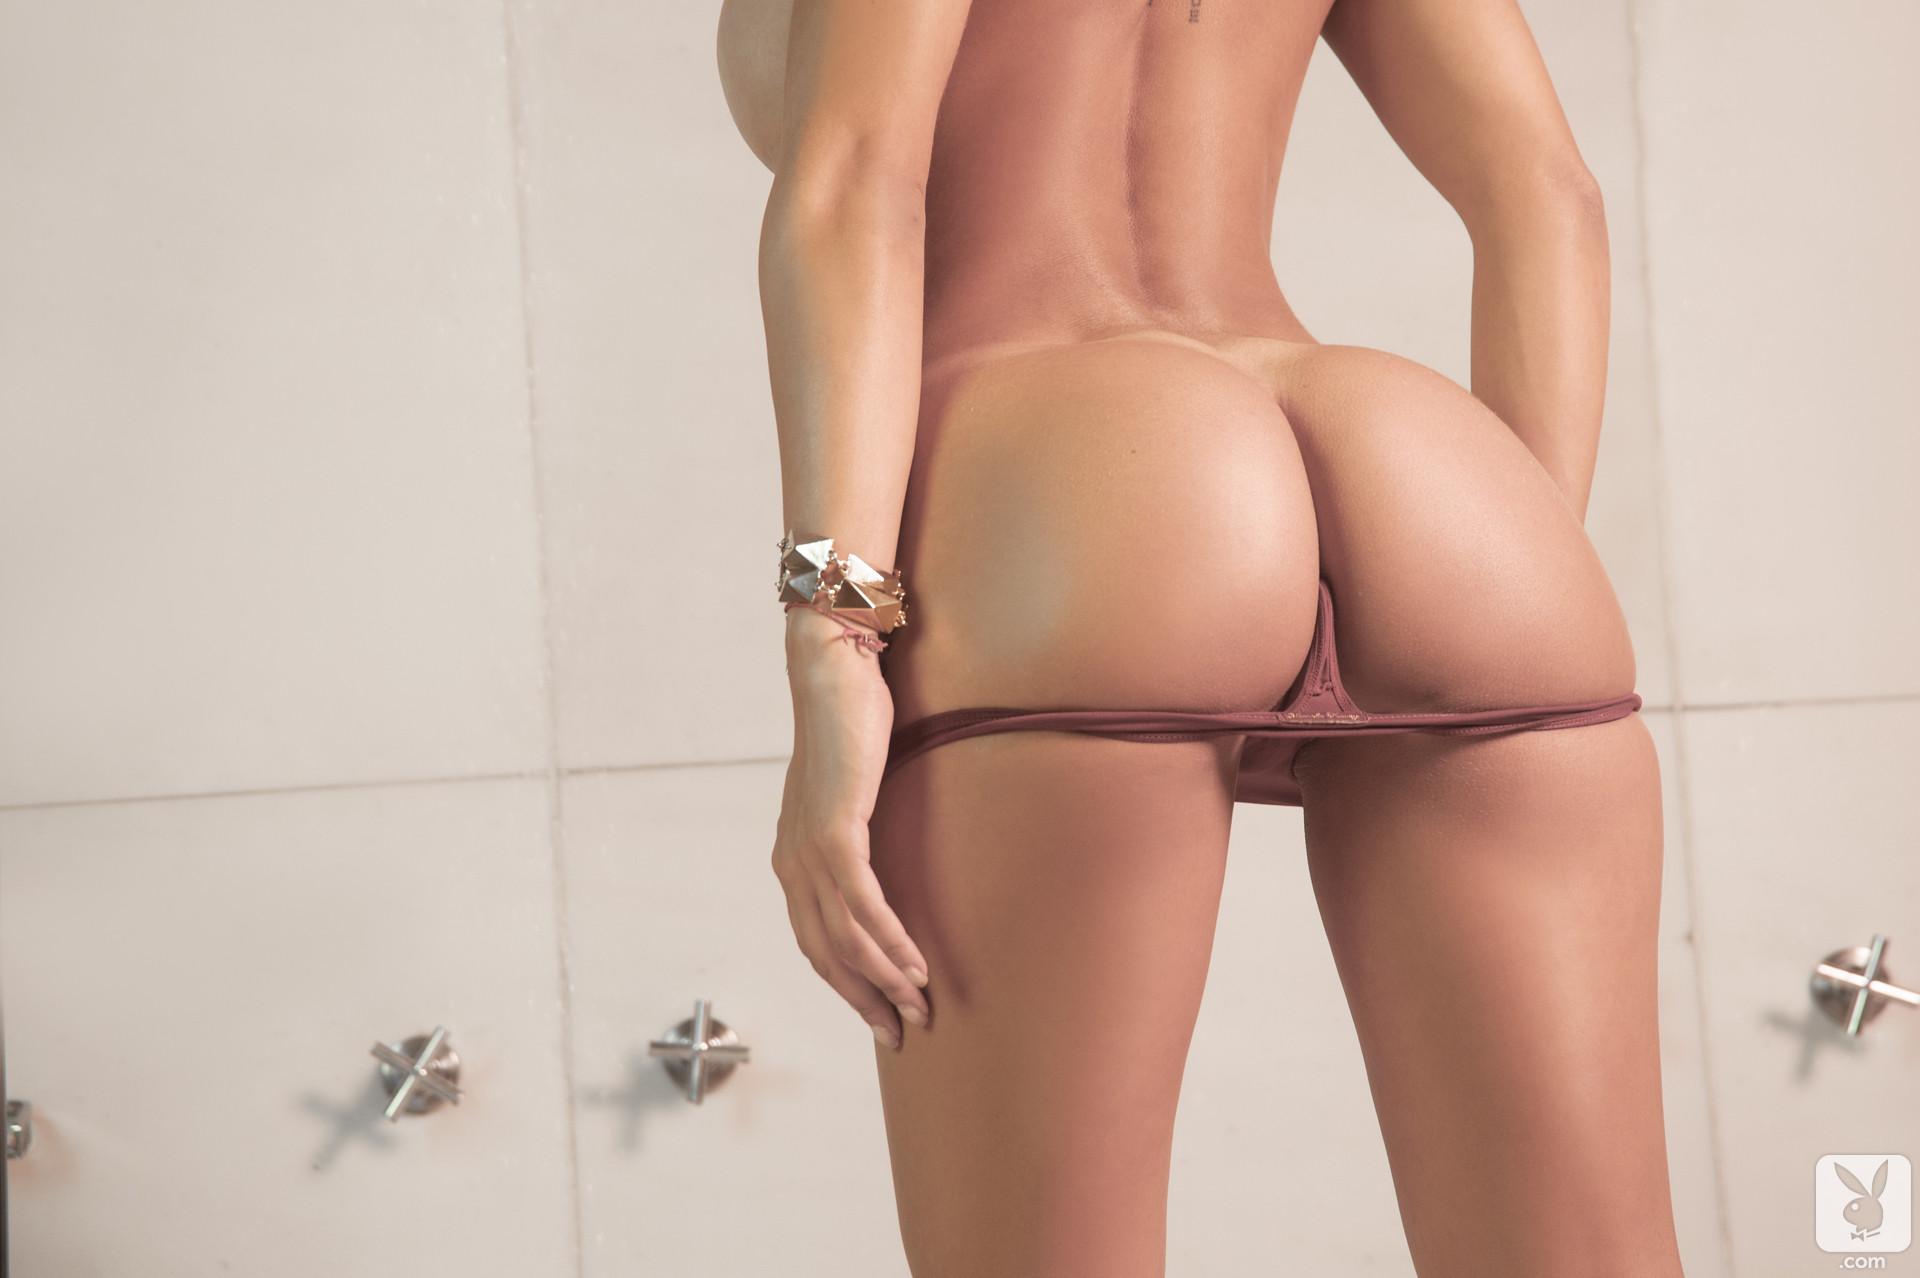 Смотреть онлайн попки в стрингах 17 фотография